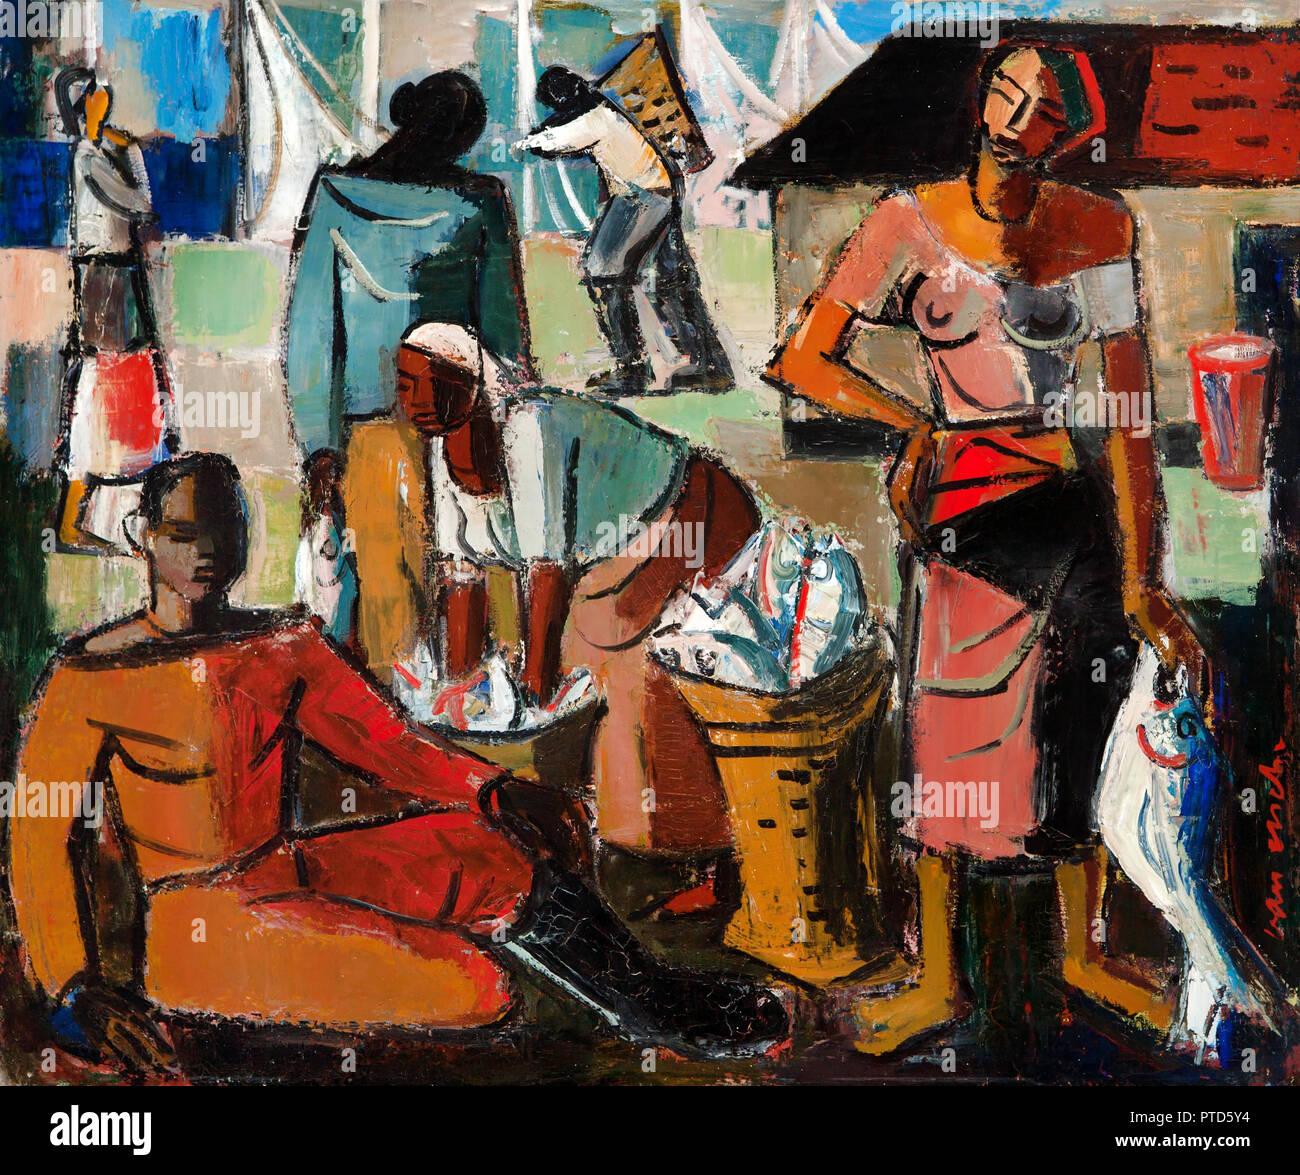 Lupo di Cibele, interno, circa 1930-1935 Olio su tela, Iziko South African National Gallery e Cape Town, Sud Africa. Immagini Stock